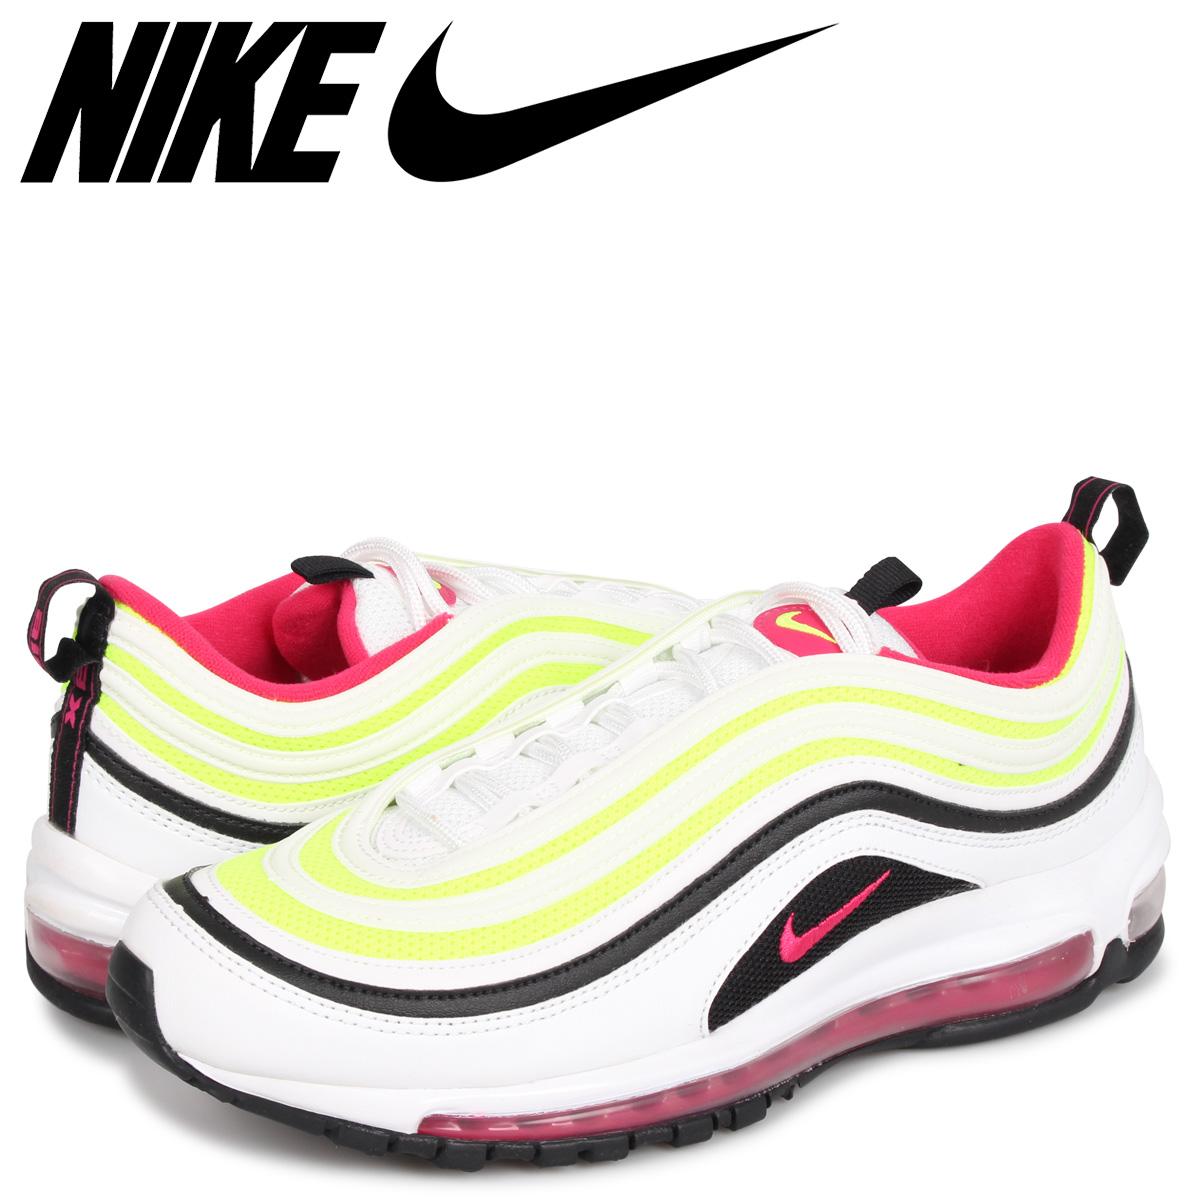 【お買い物マラソンSALE】 NIKE AIR MAX 97 ナイキ エアマックス97 スニーカー メンズ ホワイト 白 CI9871-100